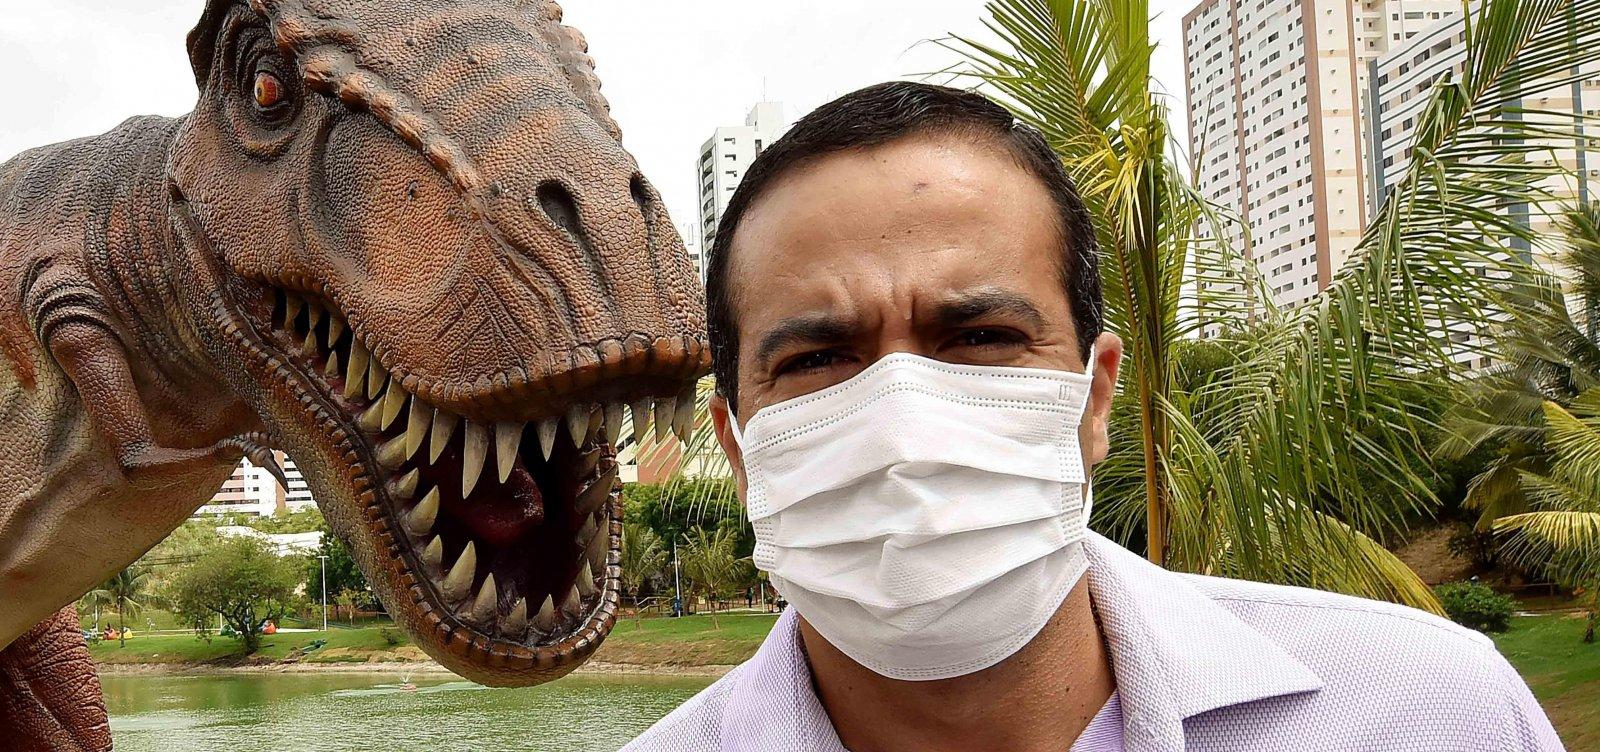 Visitação à Lagoa dos Dinossauros deverá ser agendada aos finais de semana